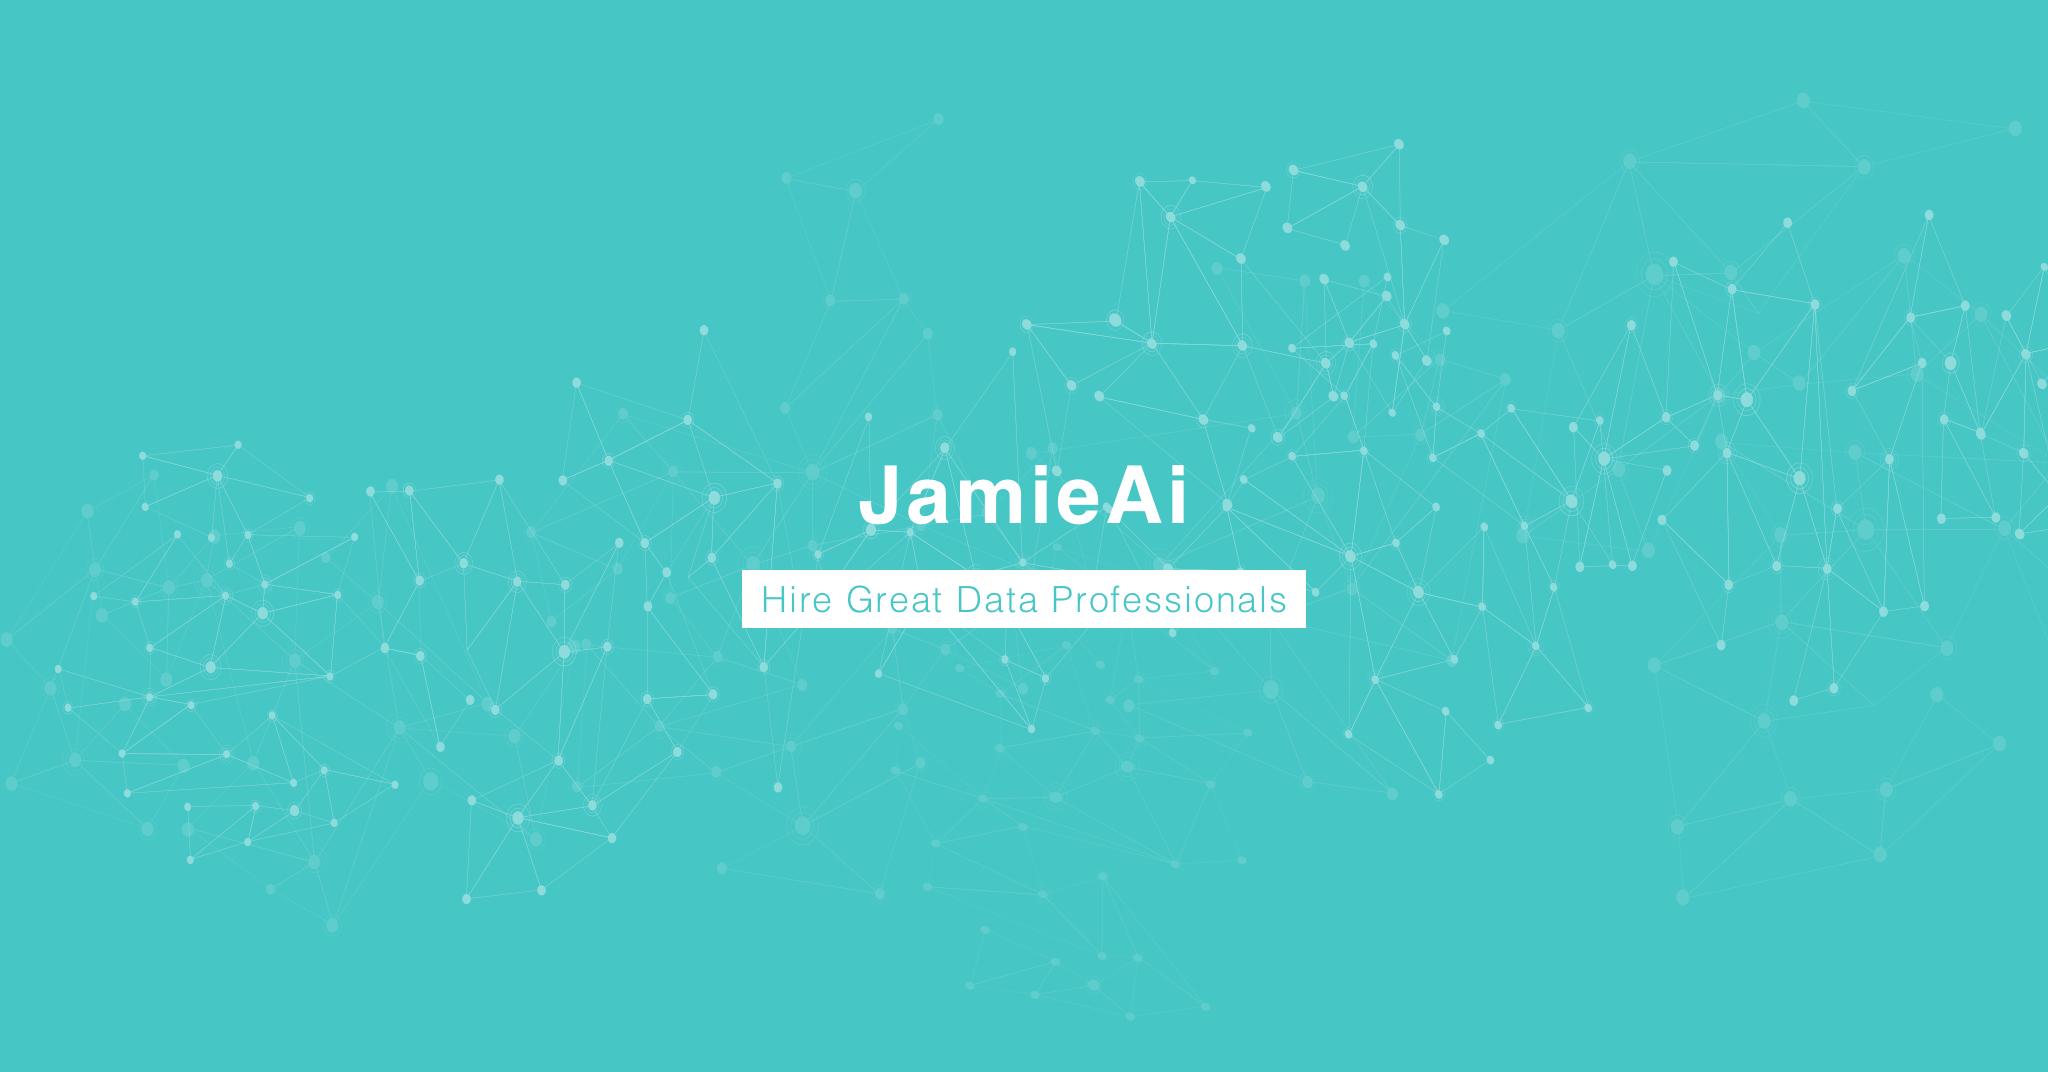 JamieAi